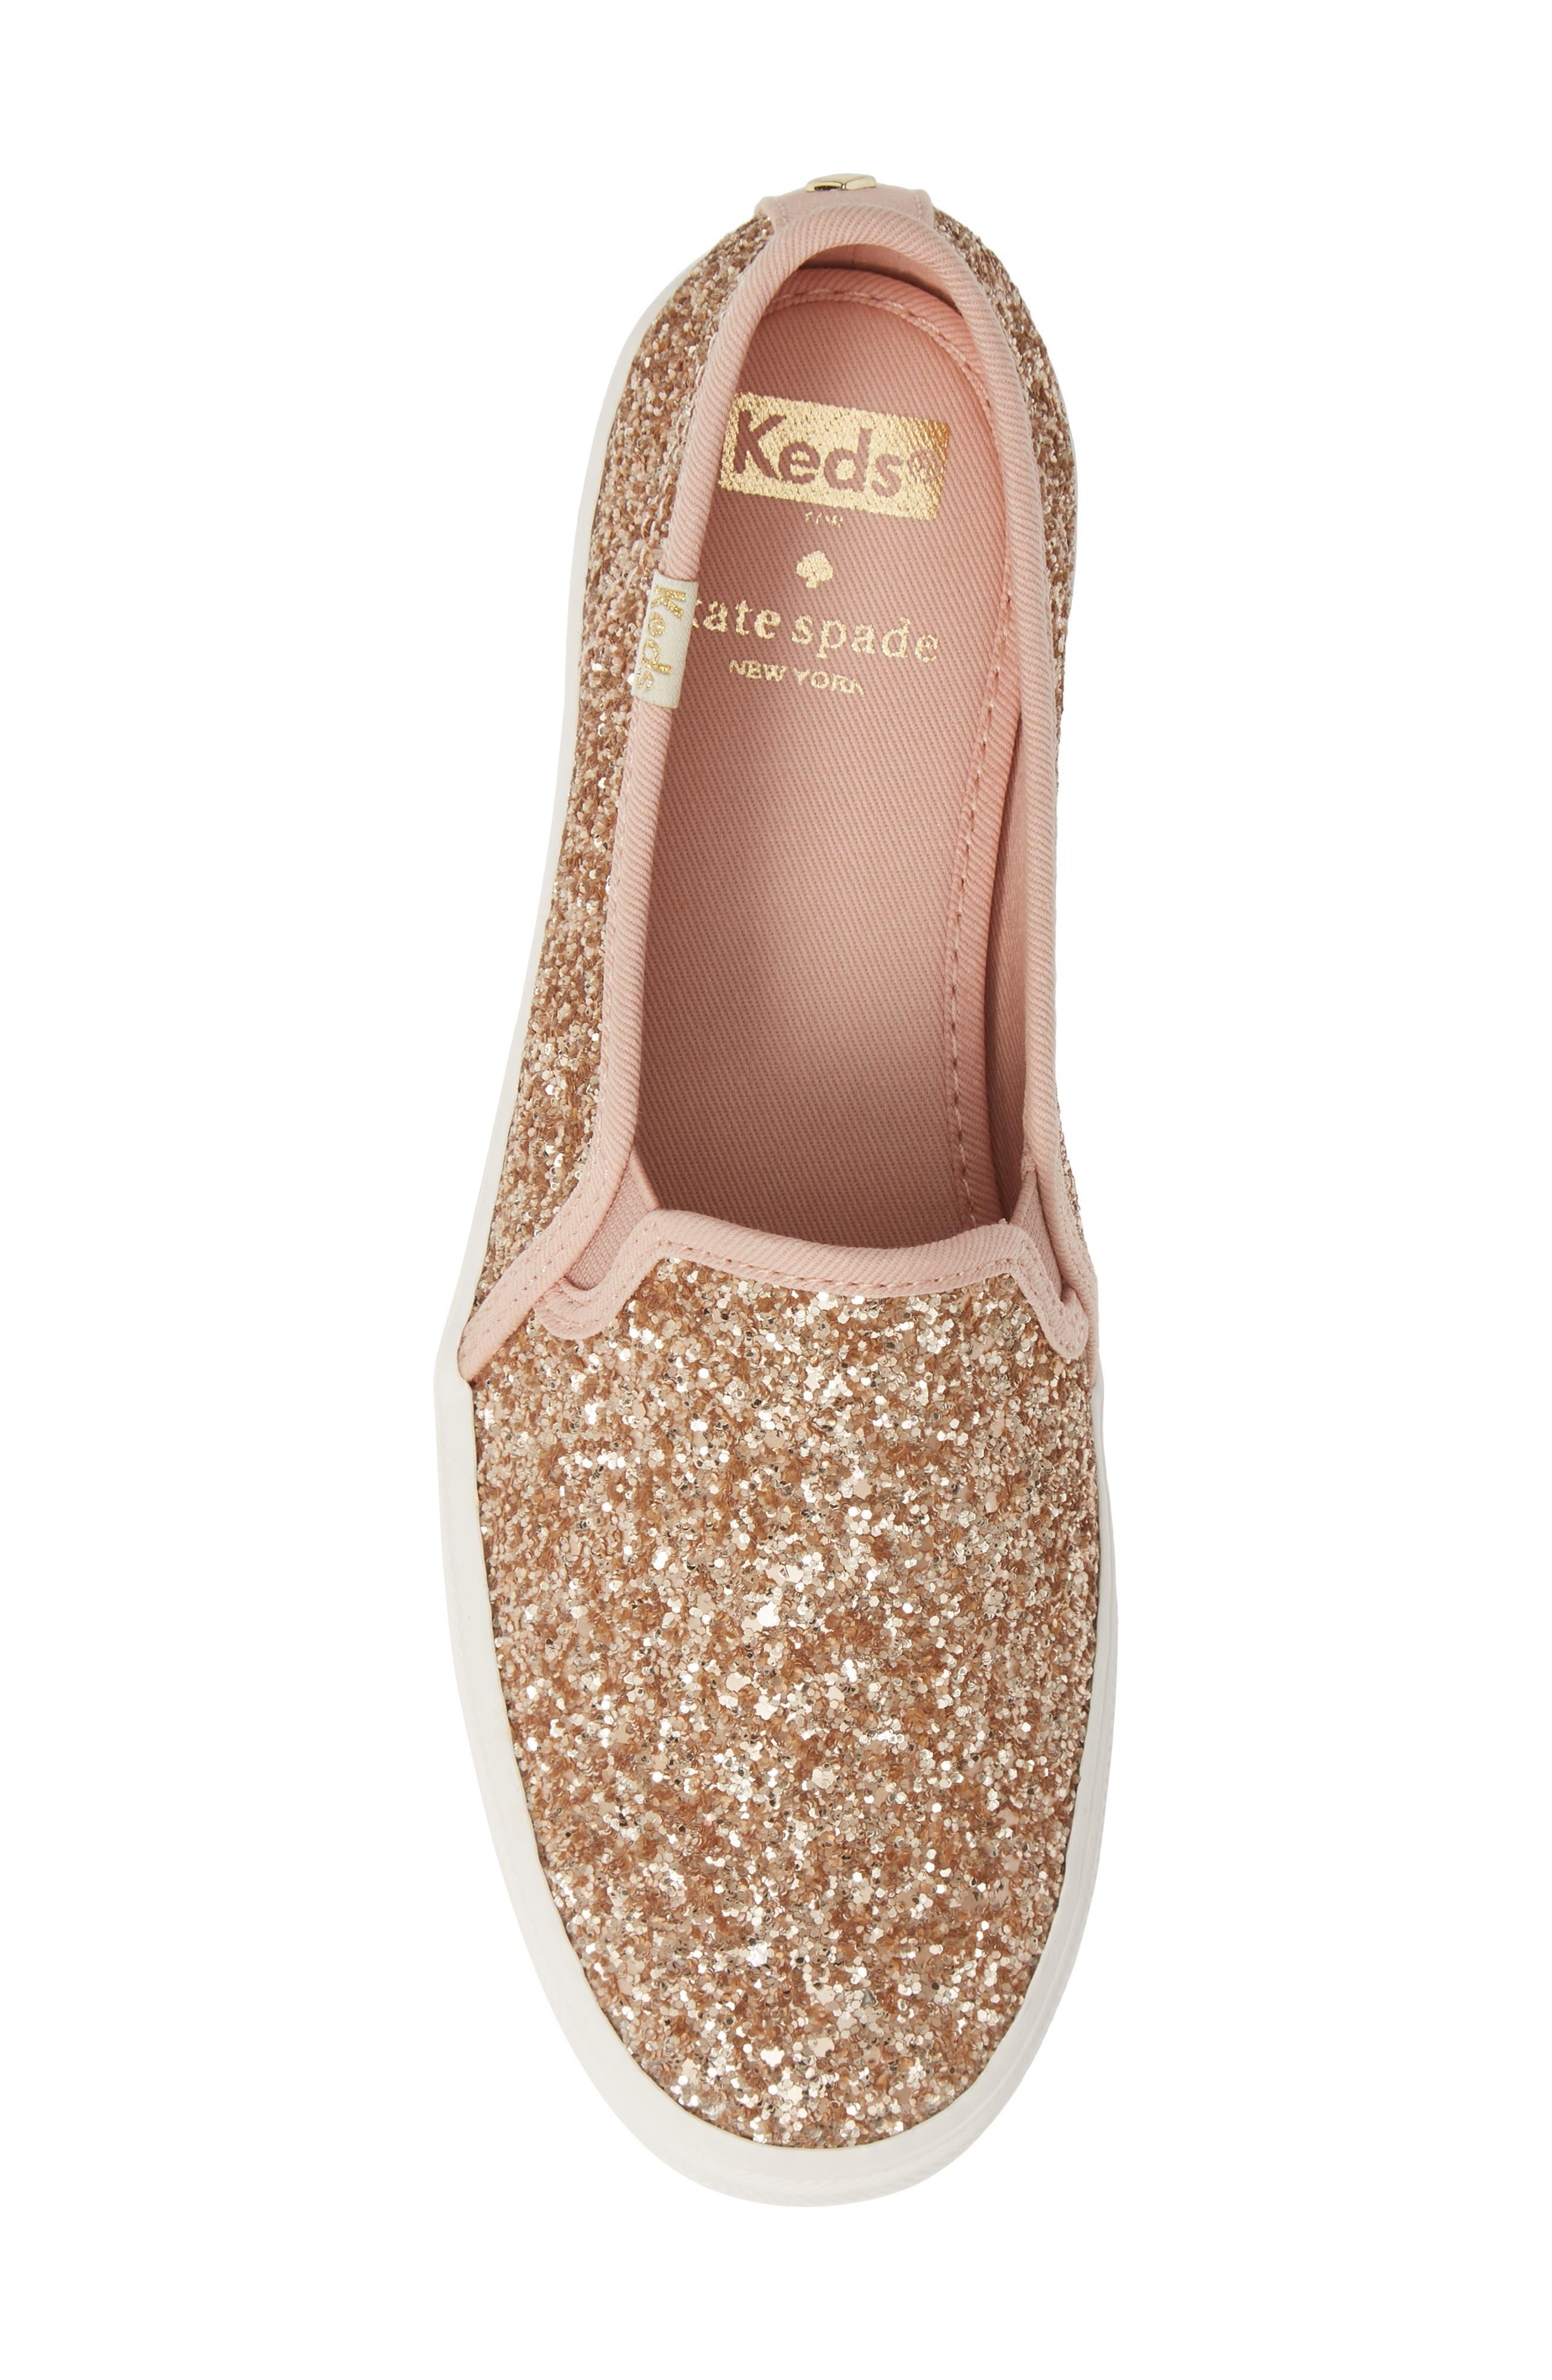 KEDS<SUP>®</SUP> FOR KATE SPADE NEW YORK, triple decker glitter slip-on sneaker, Alternate thumbnail 5, color, ROSE GOLD